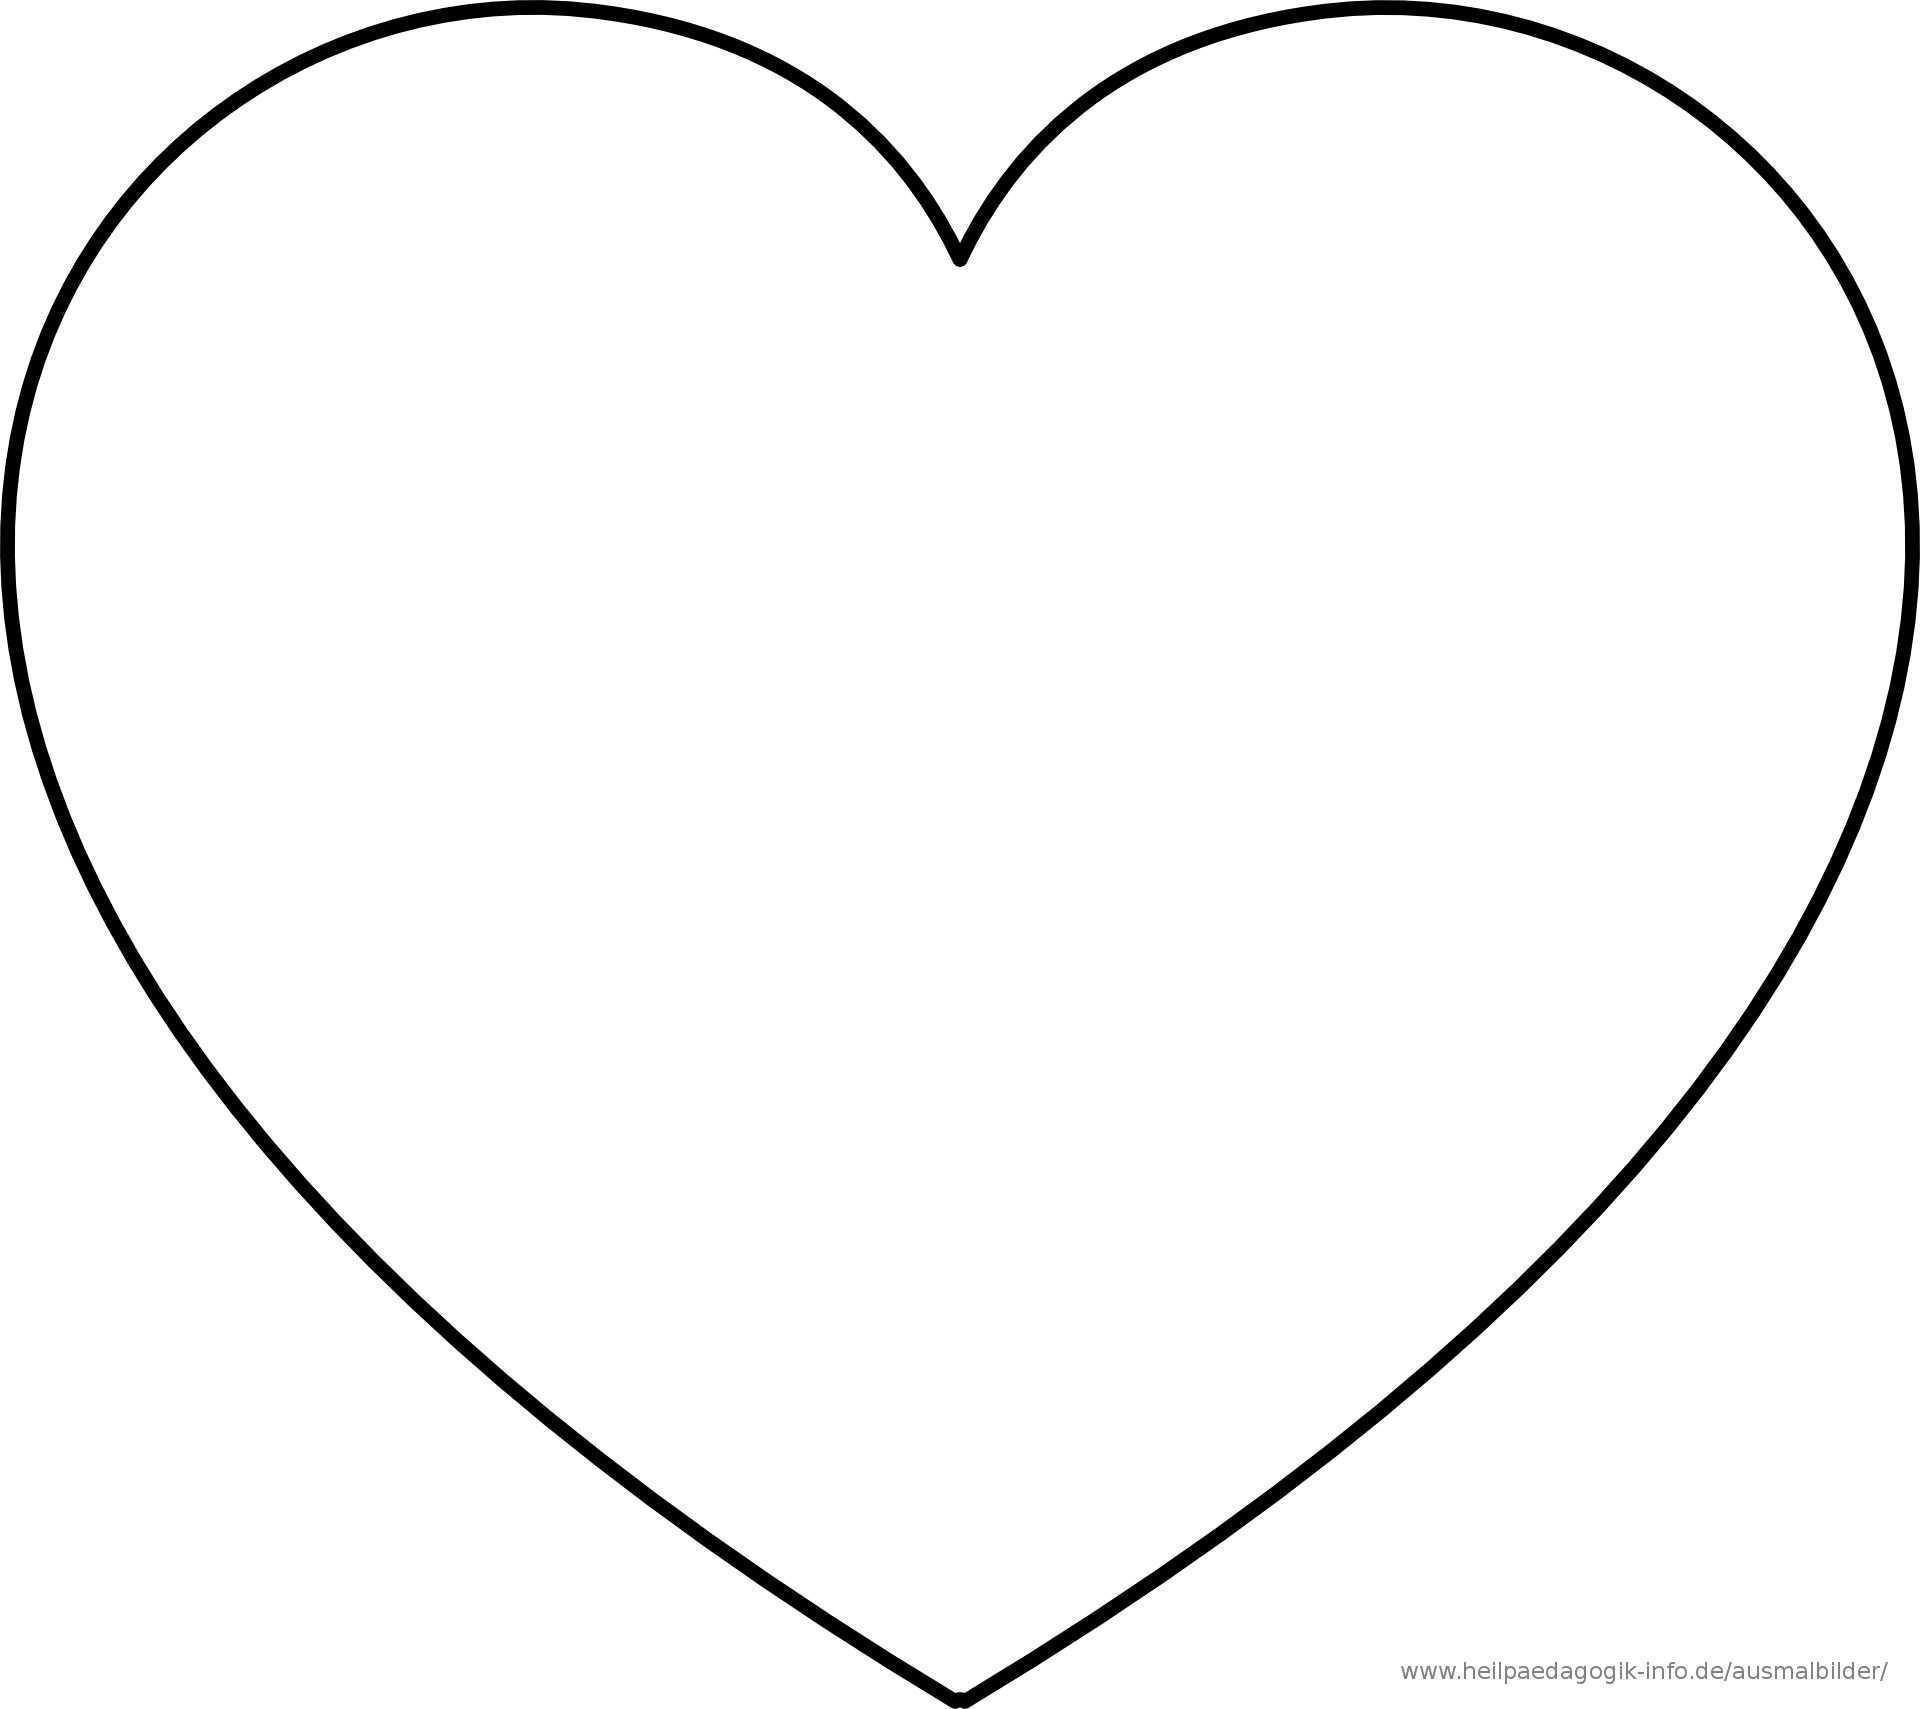 Malvorlagen Herzen Kostenlos Herz Ausmalbild Herz Vorlage Herzschablone